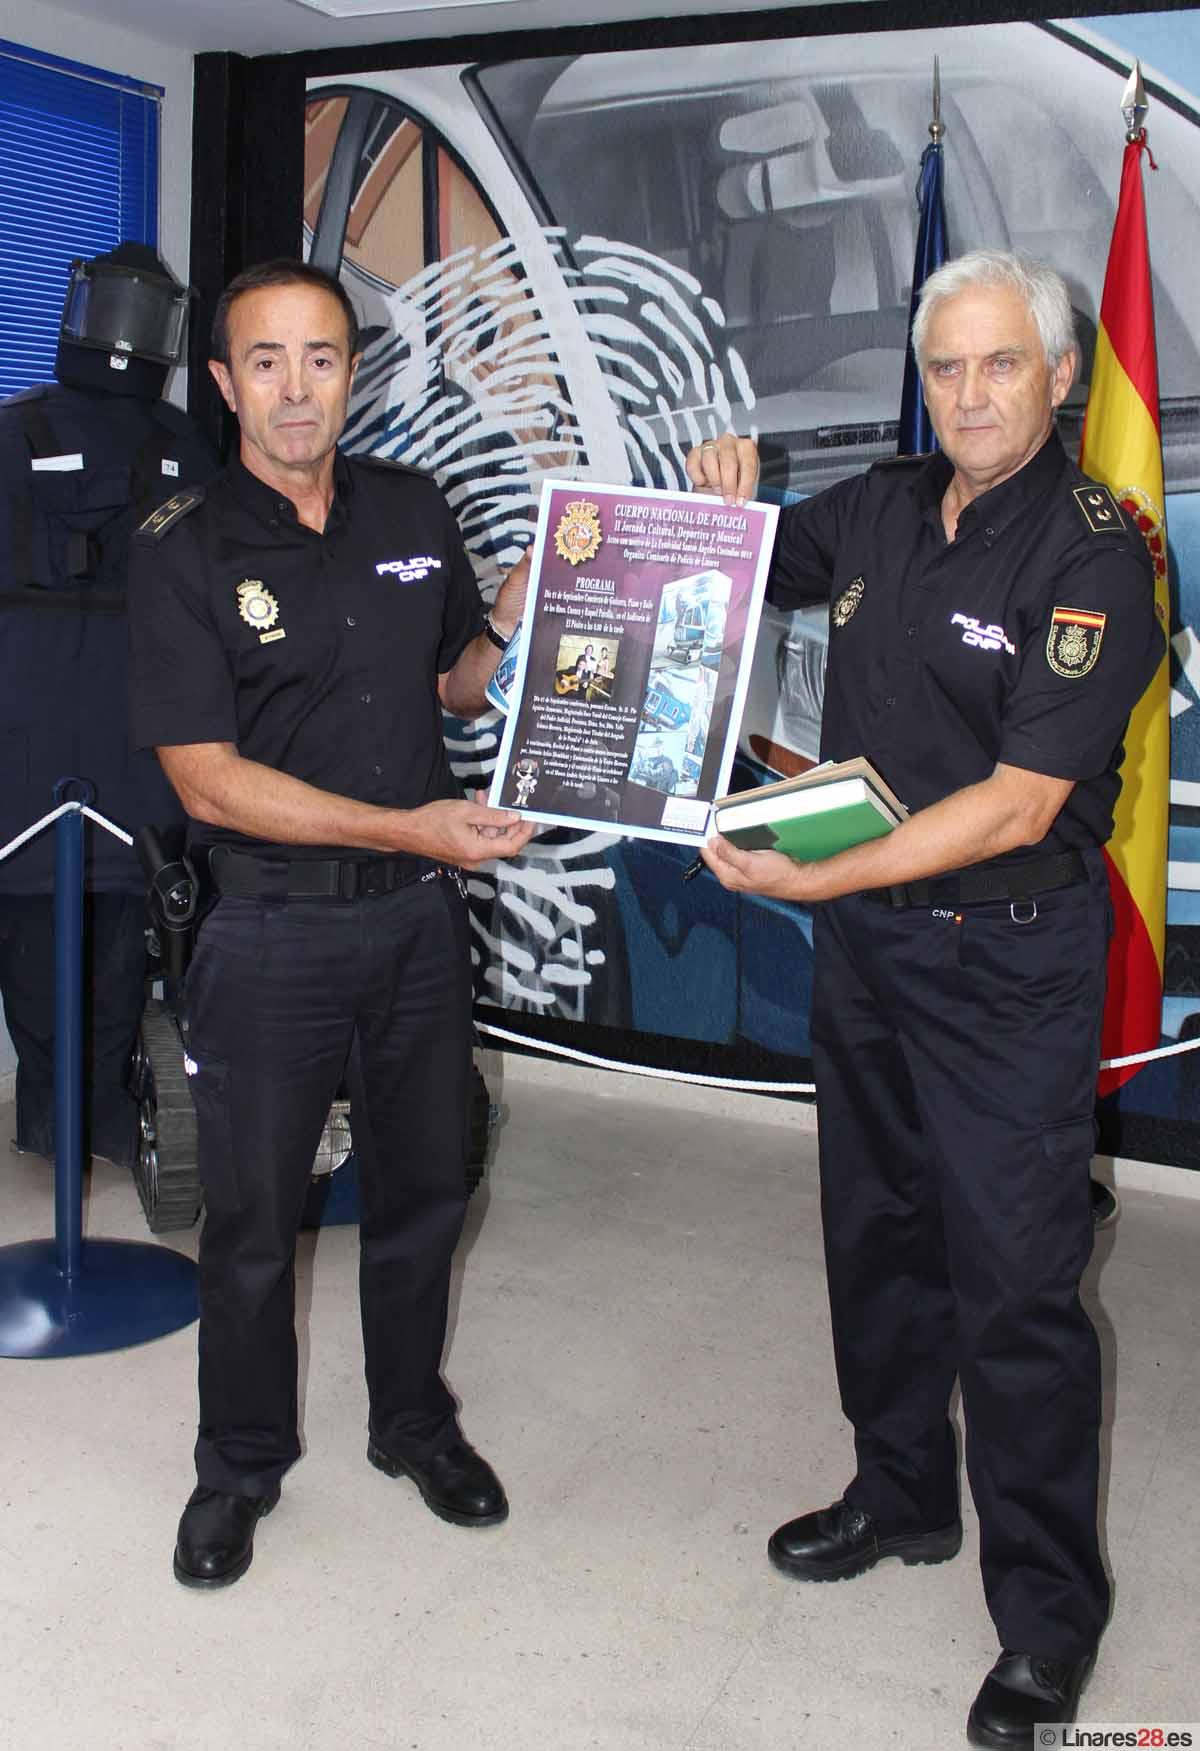 El Cuerpo Nacional de Policía de Linares prepara sus jornadas para celebrar la festividad de los Santos Ángeles Custodios